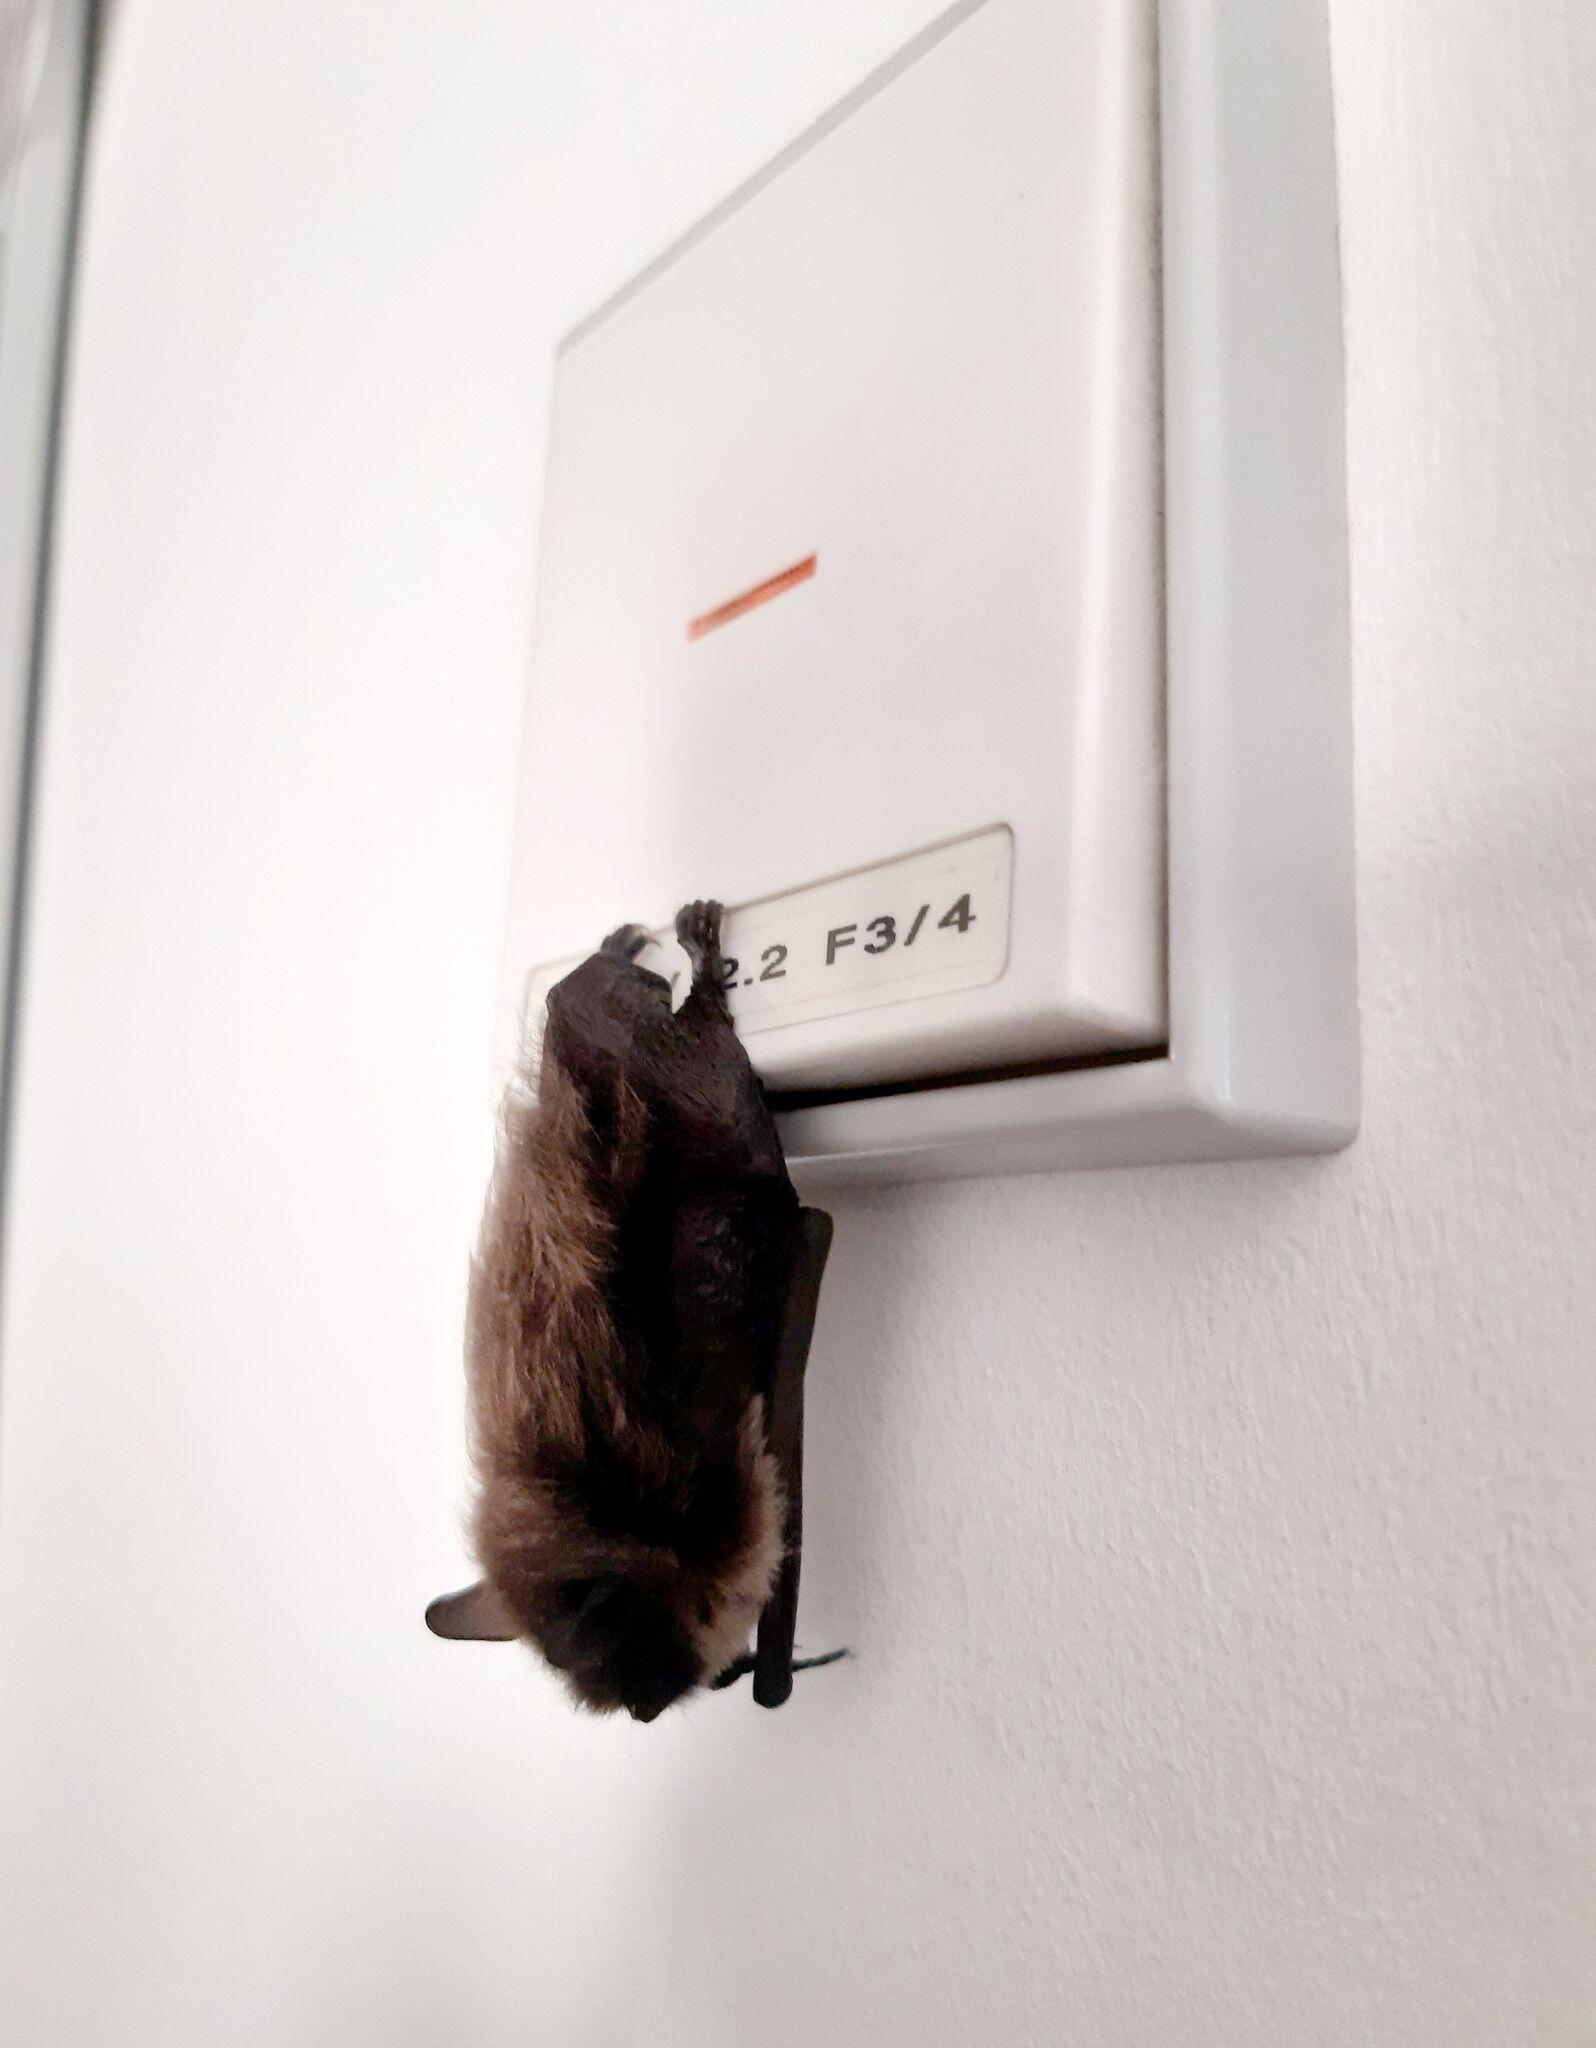 Bild zu Fledermaus verirrt sich in Polizeibüro